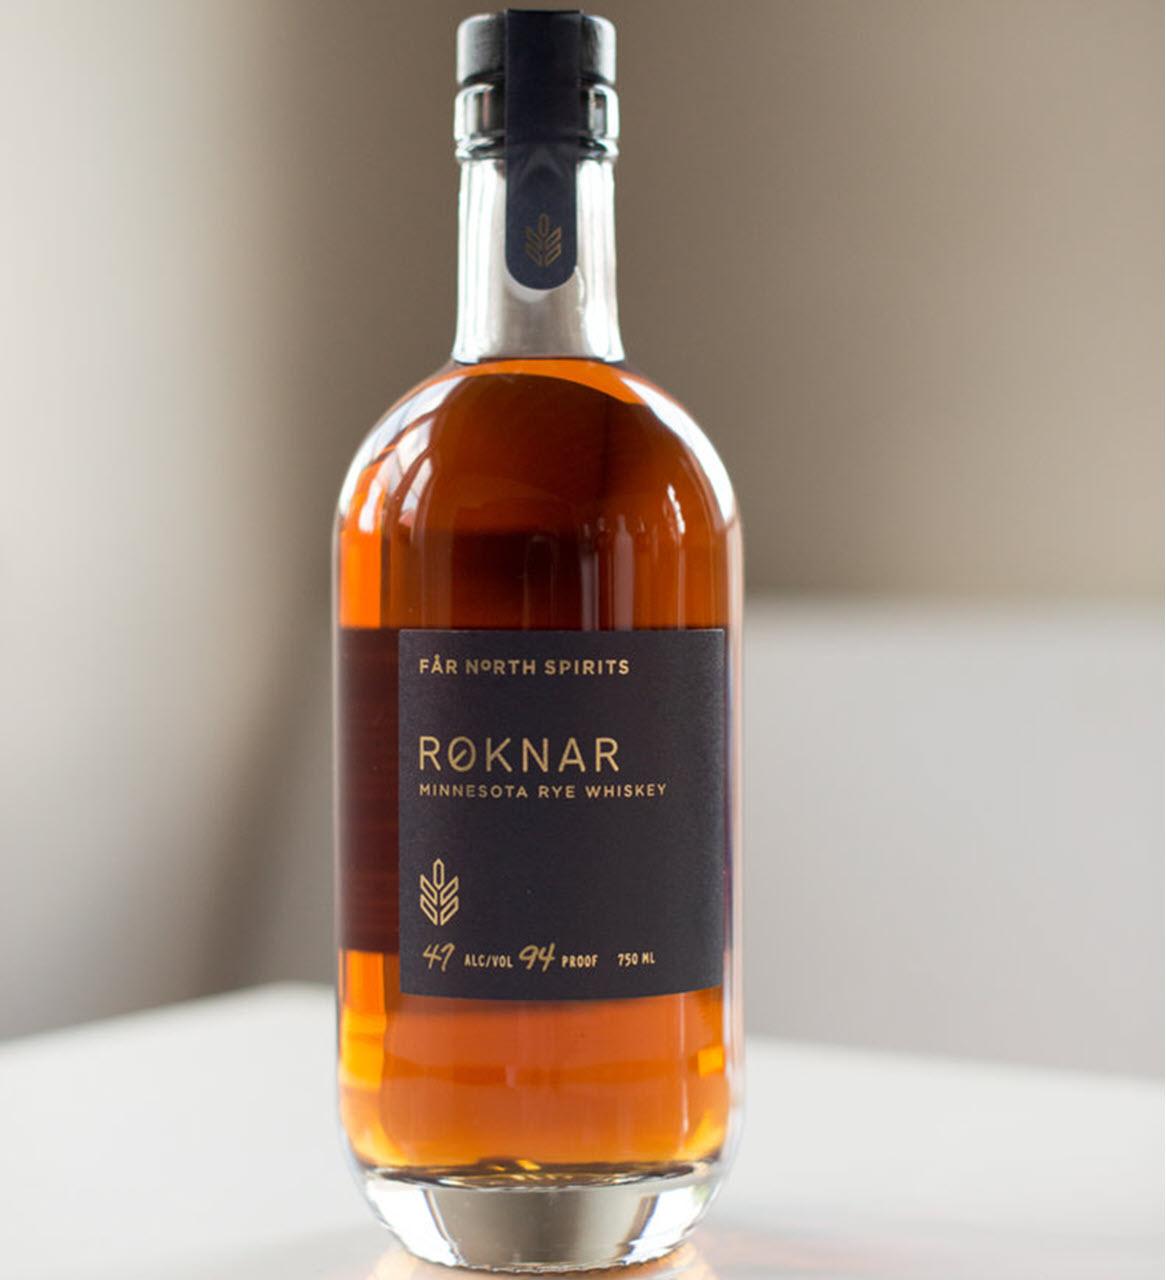 roknar-minnesota-rye-whiskey.jpg